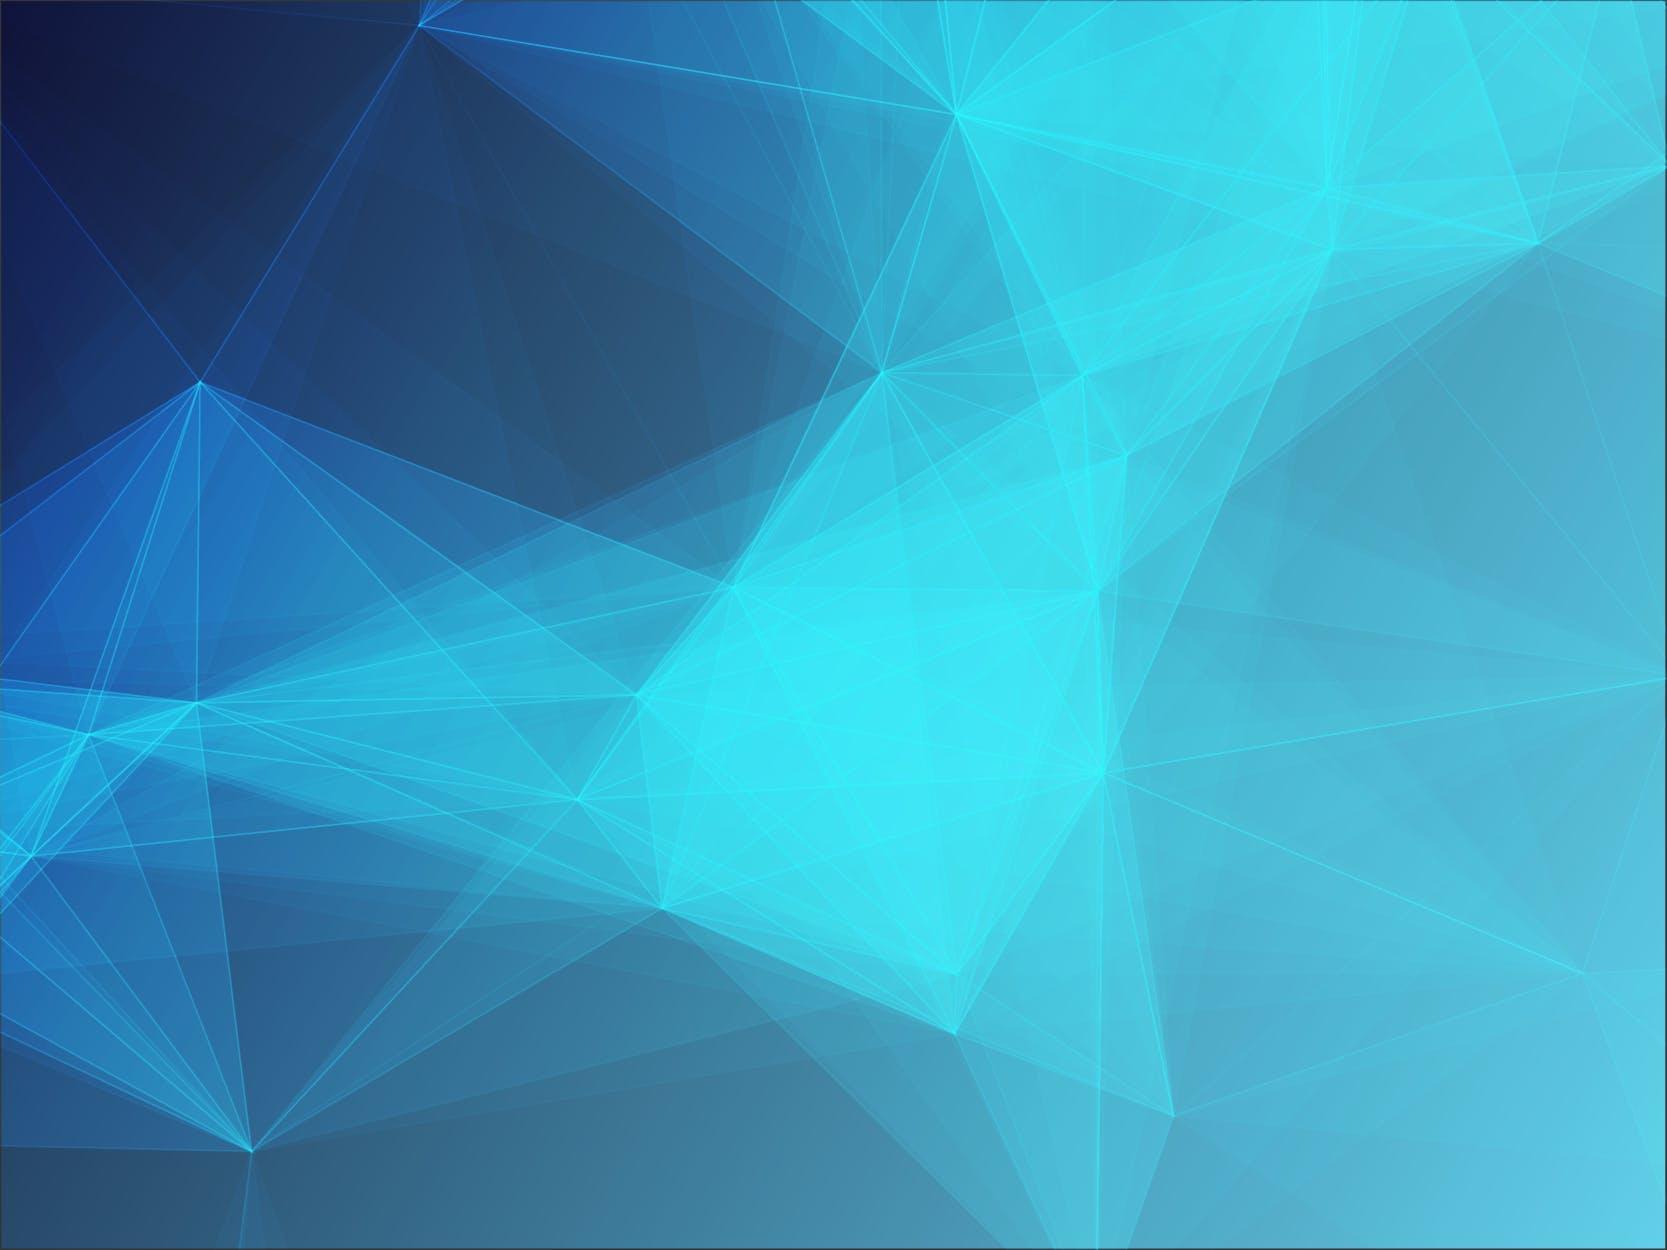 6款脑部融化效果几何图案矢量素材 Polygon Geometric Collection 3插图(4)